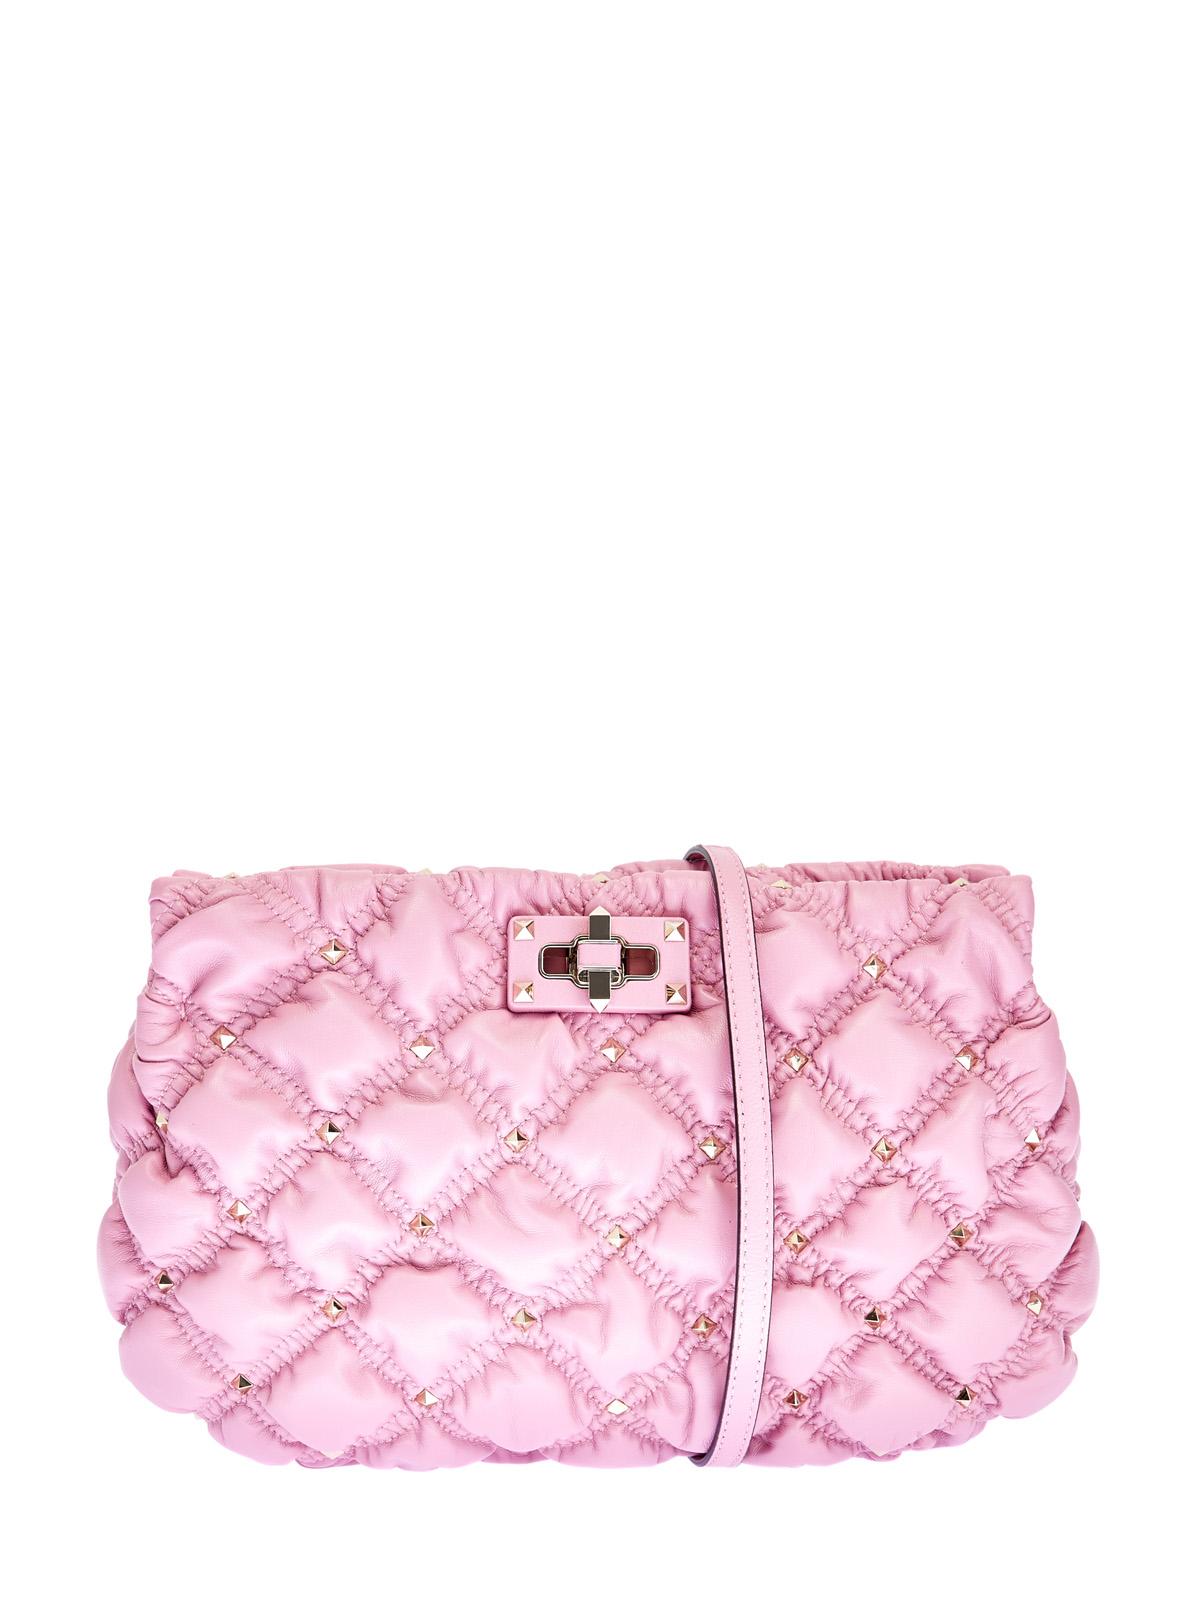 Объемная сумка SpikeMe Bag из тонкой кожи наппа